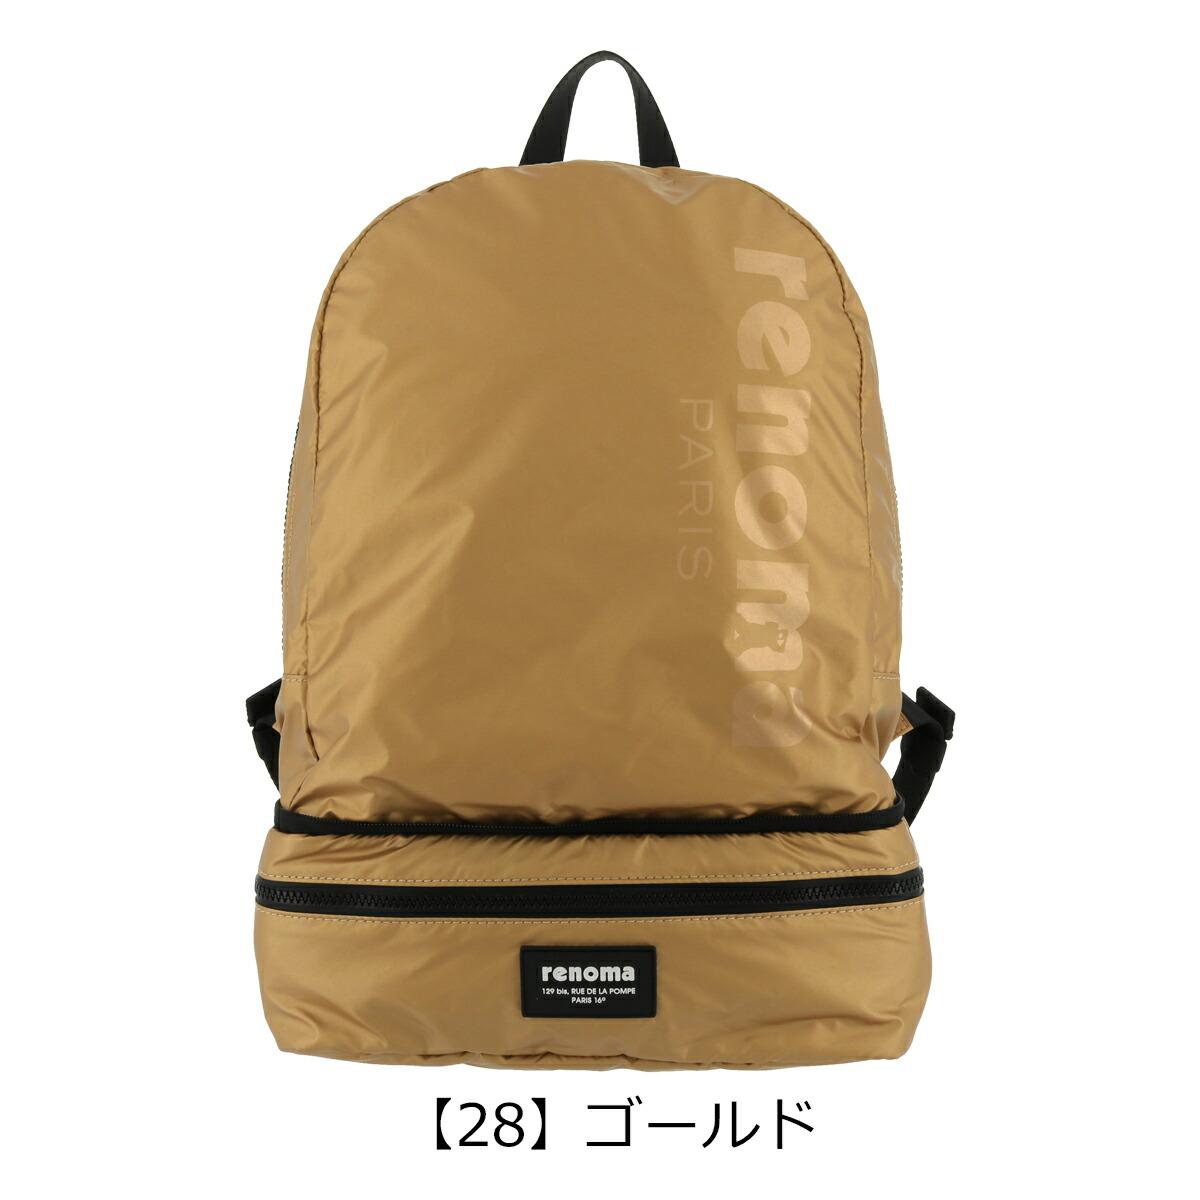 【28】ゴールド